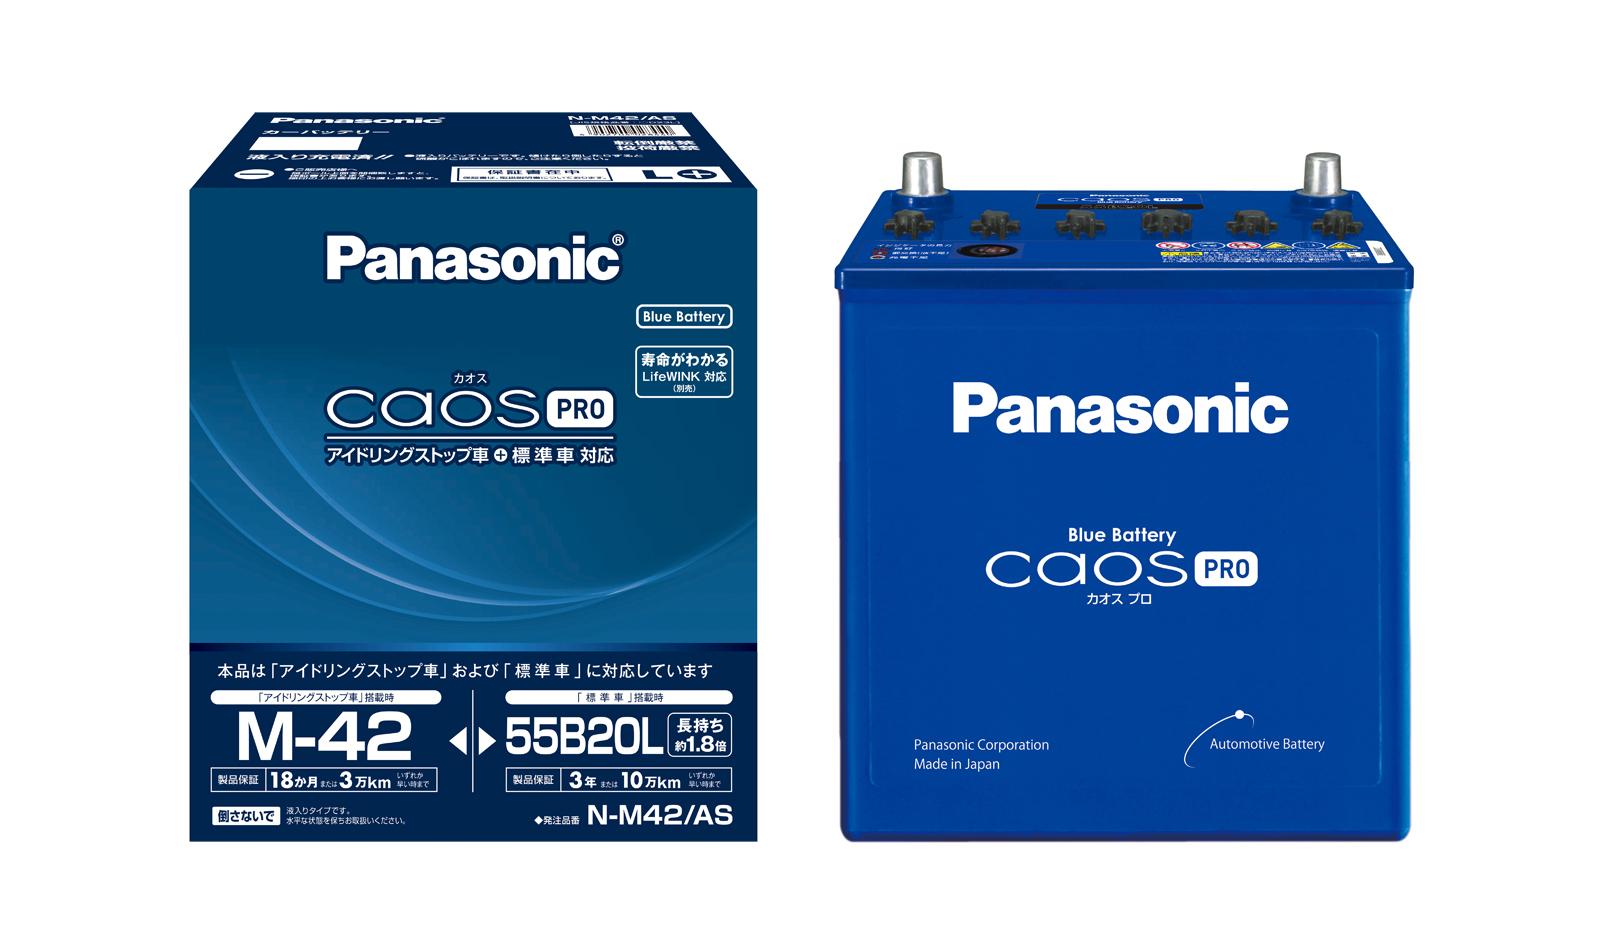 高速充電性能に優れ長寿命なパナソニックのカーバッテリー「caos PRO(カオス プロ)」